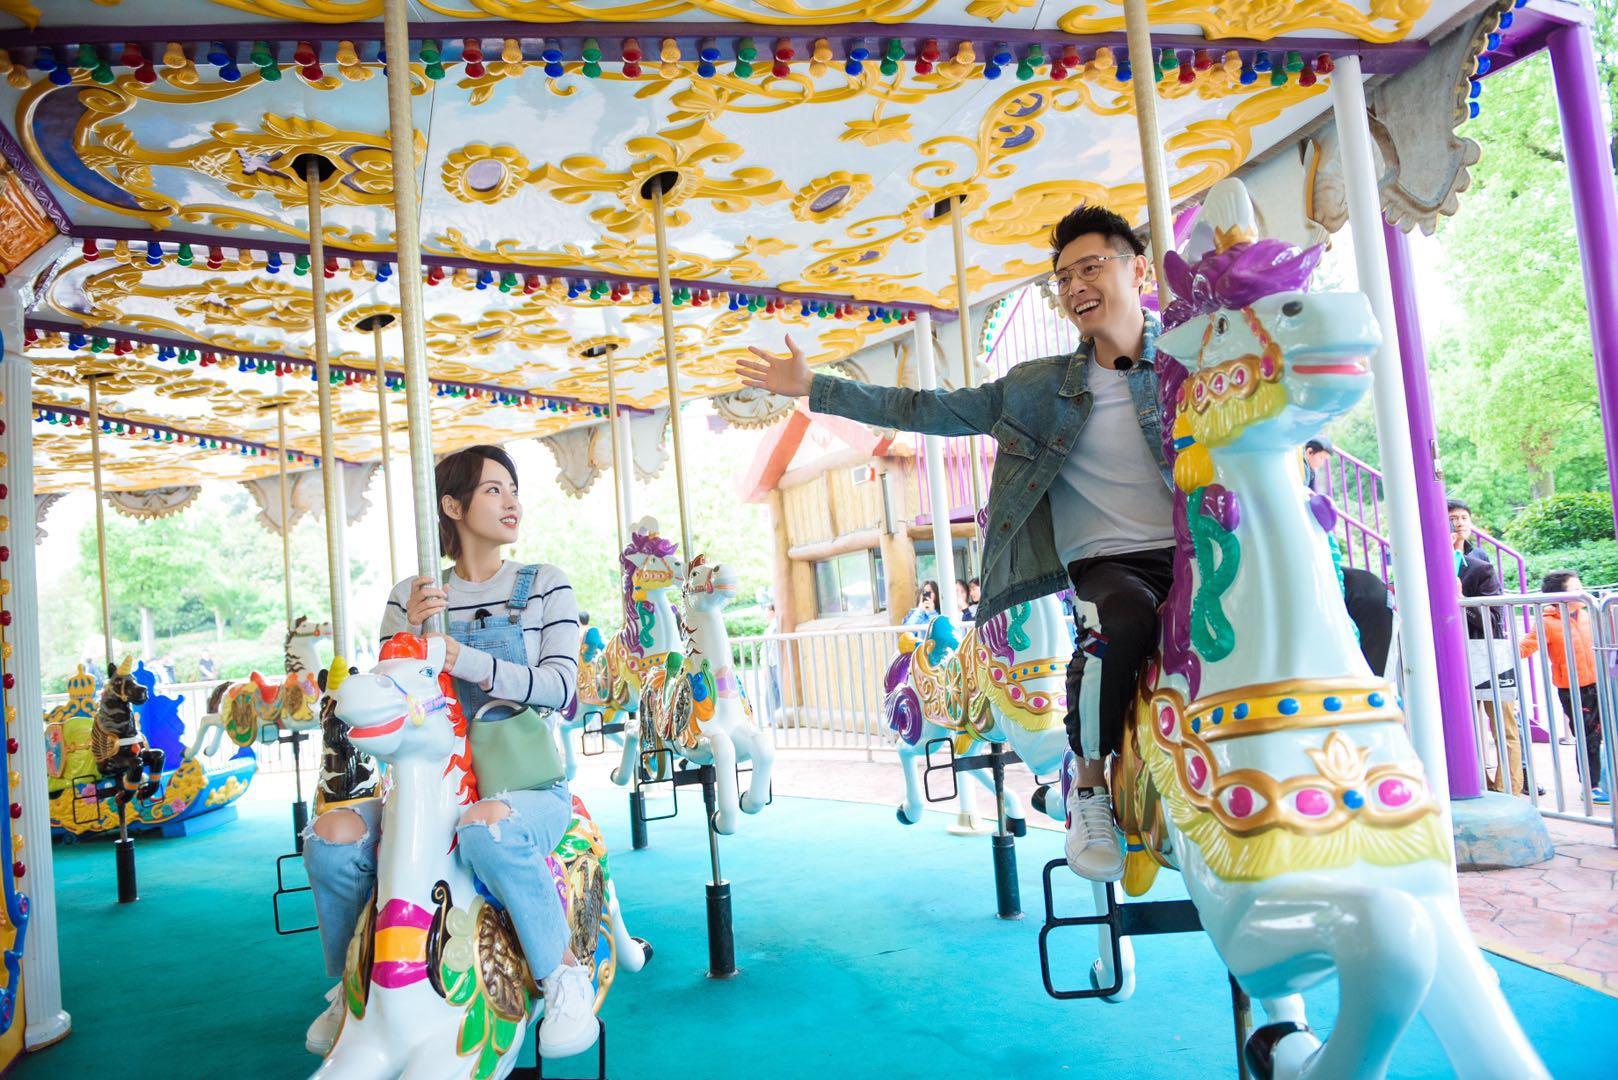 《妻子的浪漫旅行2》完美收官 张嘉倪买超游乐场约会甜蜜撒粮